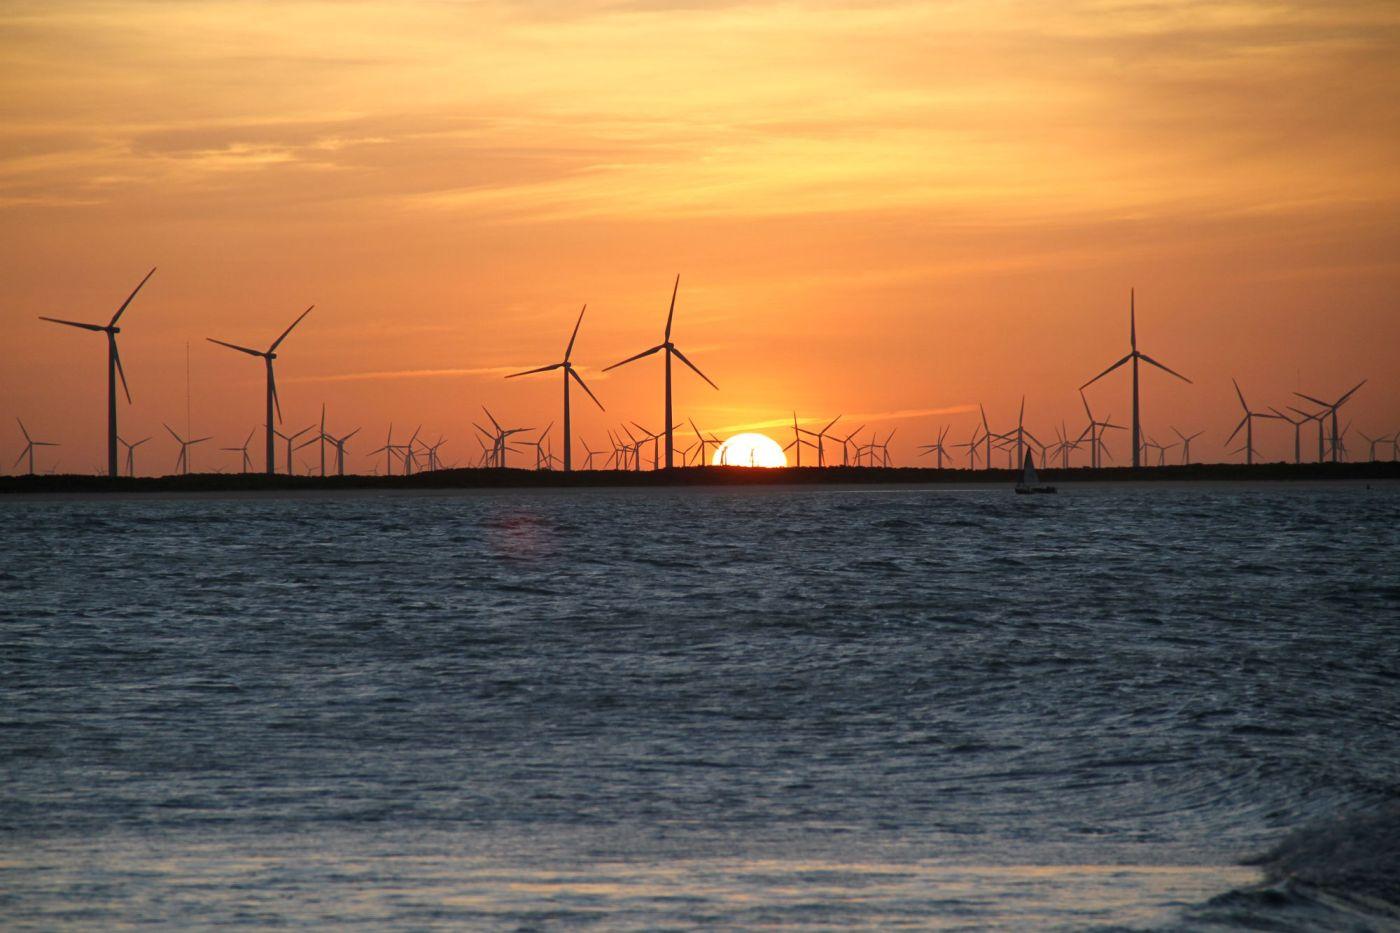 Torres eólicas de Galinhos vistas a partir da Praia do Farol (foto: Eduardo Vessoni)